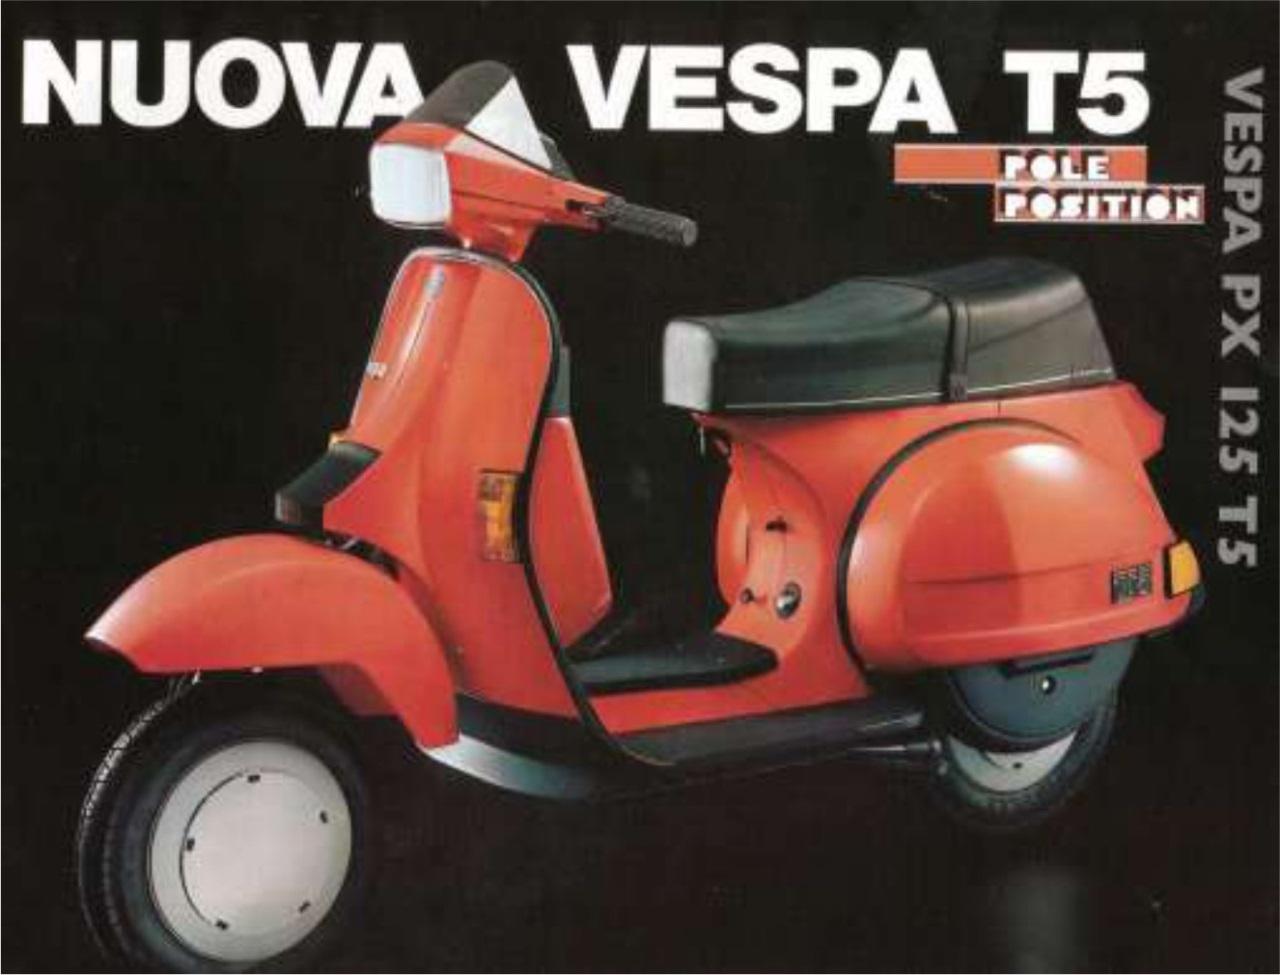 Werbung_Vespa_T5_Pole_Position